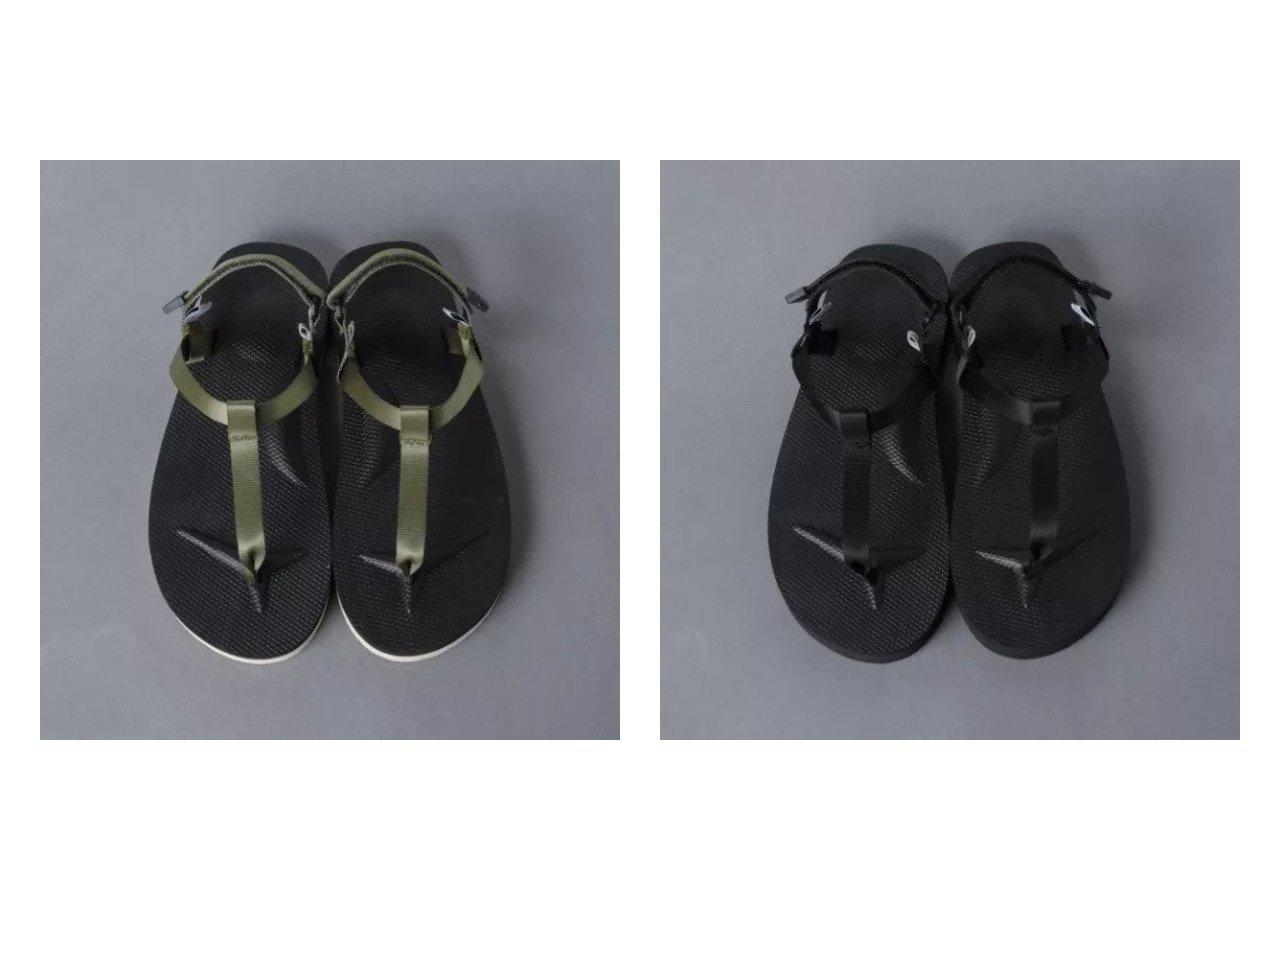 【UNITED ARROWS/ユナイテッドアローズ】のCOKO トングサンダル 【シューズ・靴】おすすめ!人気、トレンド・レディースファッションの通販 おすすめで人気の流行・トレンド、ファッションの通販商品 インテリア・家具・メンズファッション・キッズファッション・レディースファッション・服の通販 founy(ファニー) https://founy.com/ ファッション Fashion レディースファッション WOMEN サンダル シューズ シンプル リゾート |ID:crp329100000045544